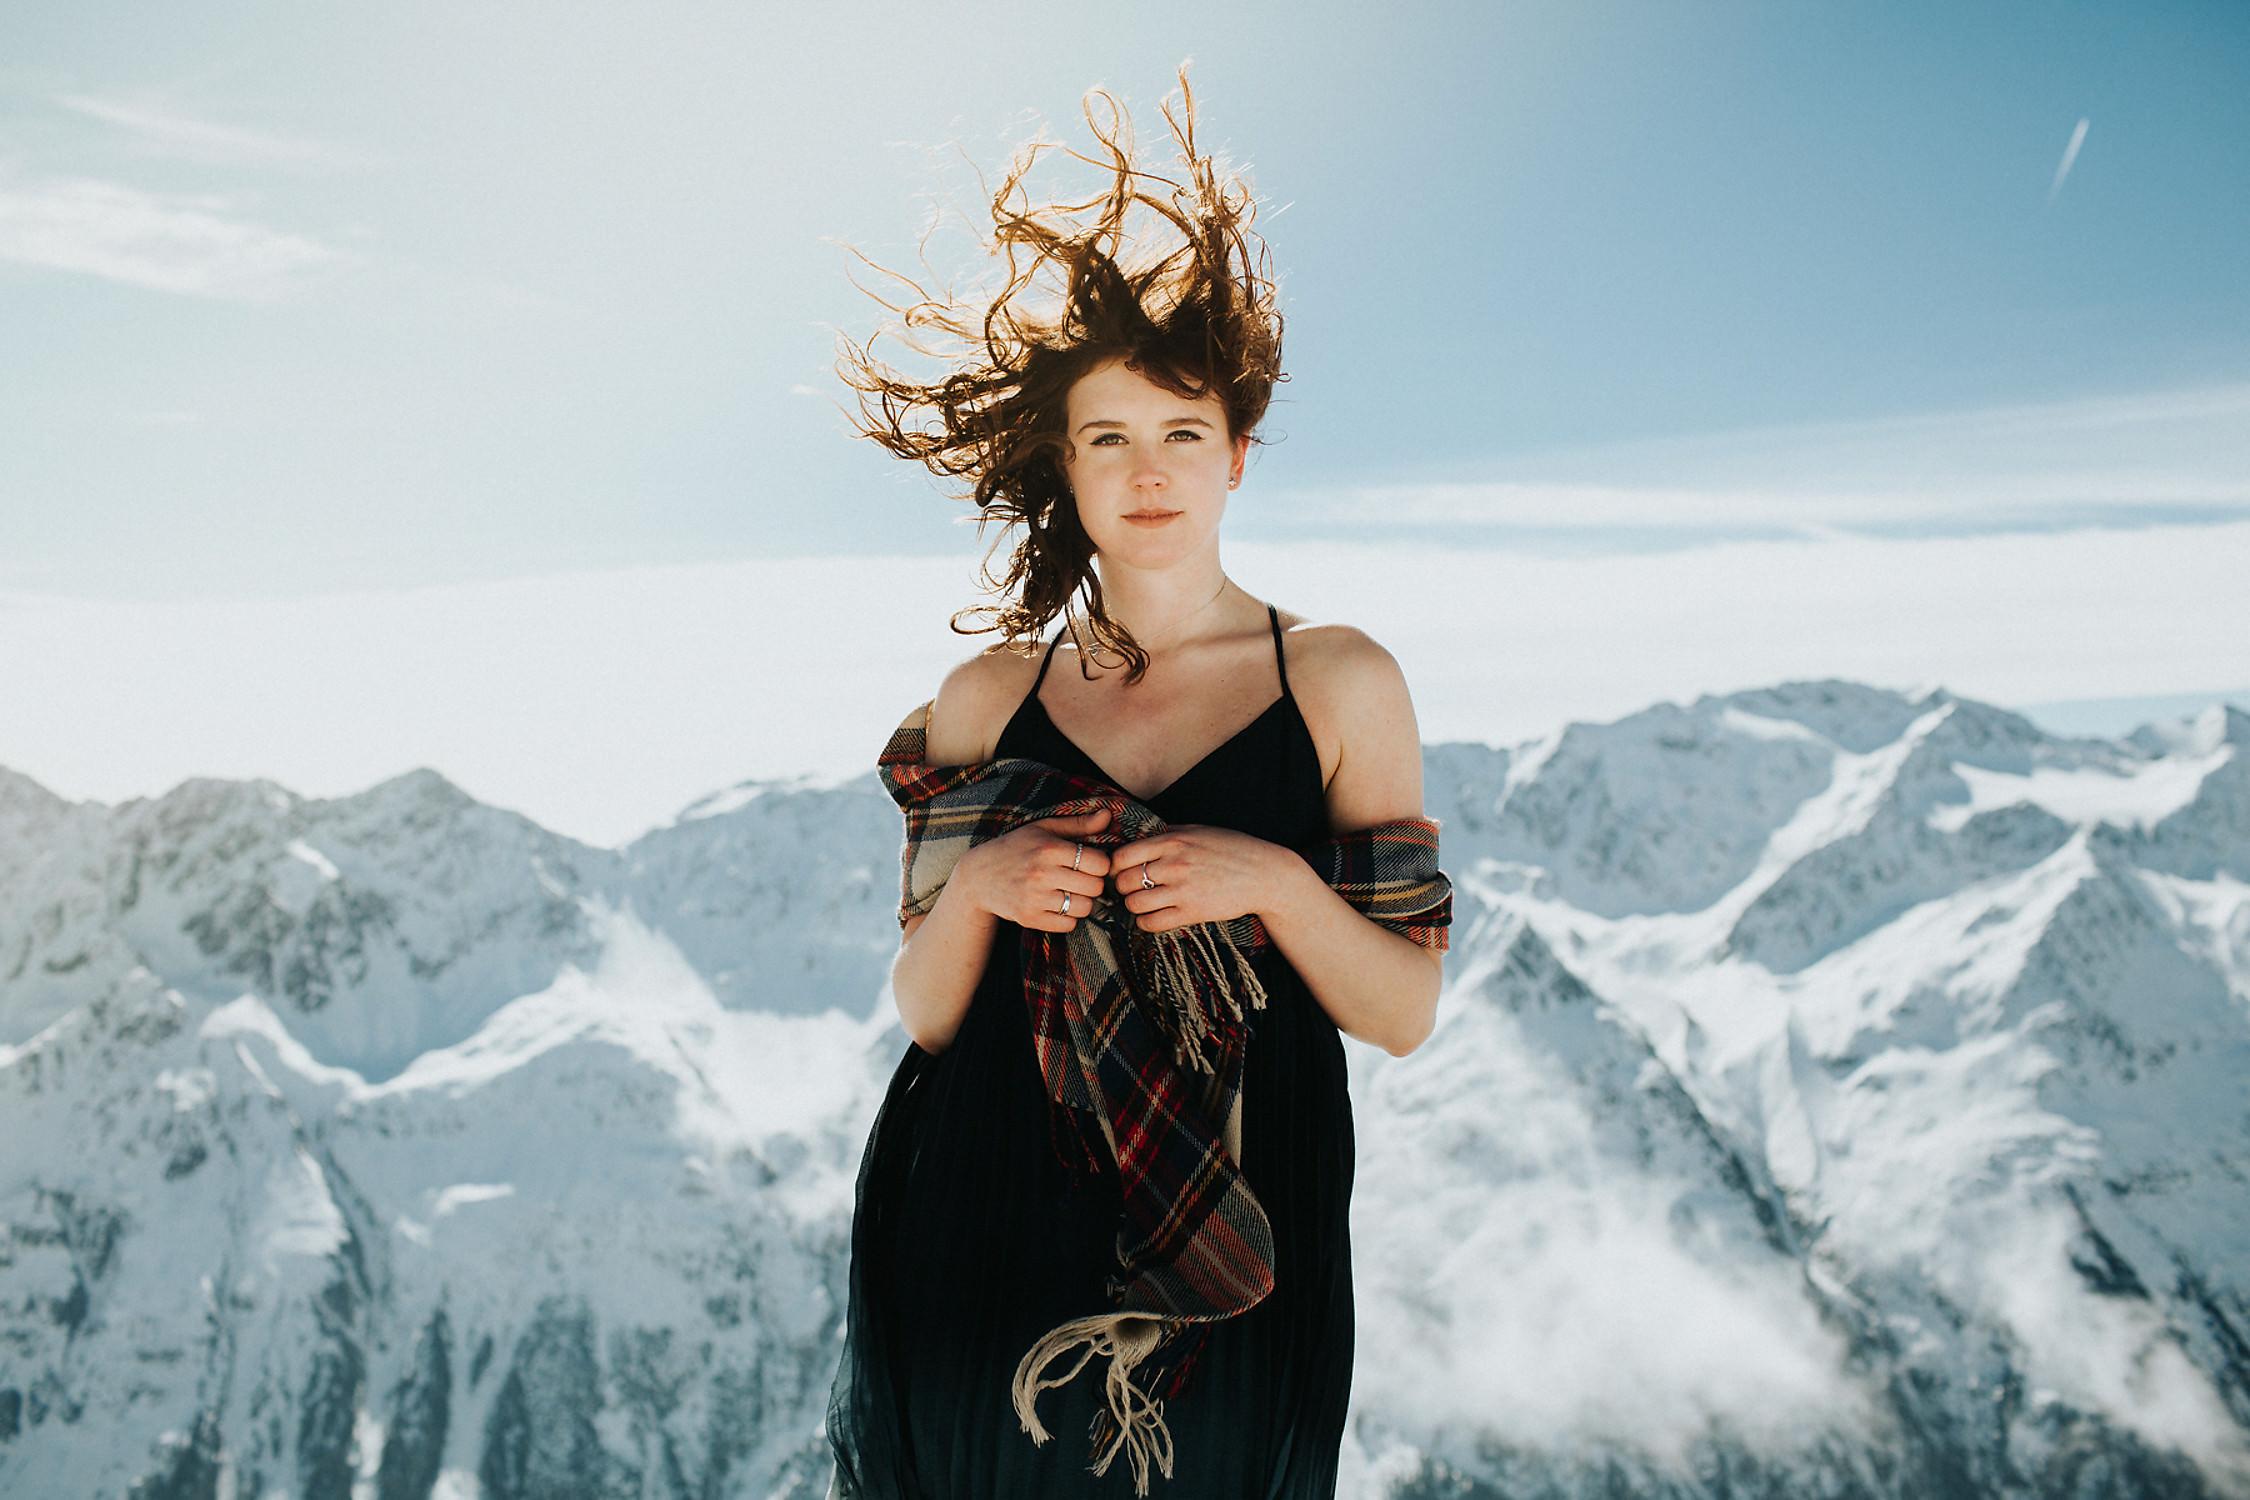 Austria female snow portrait photography